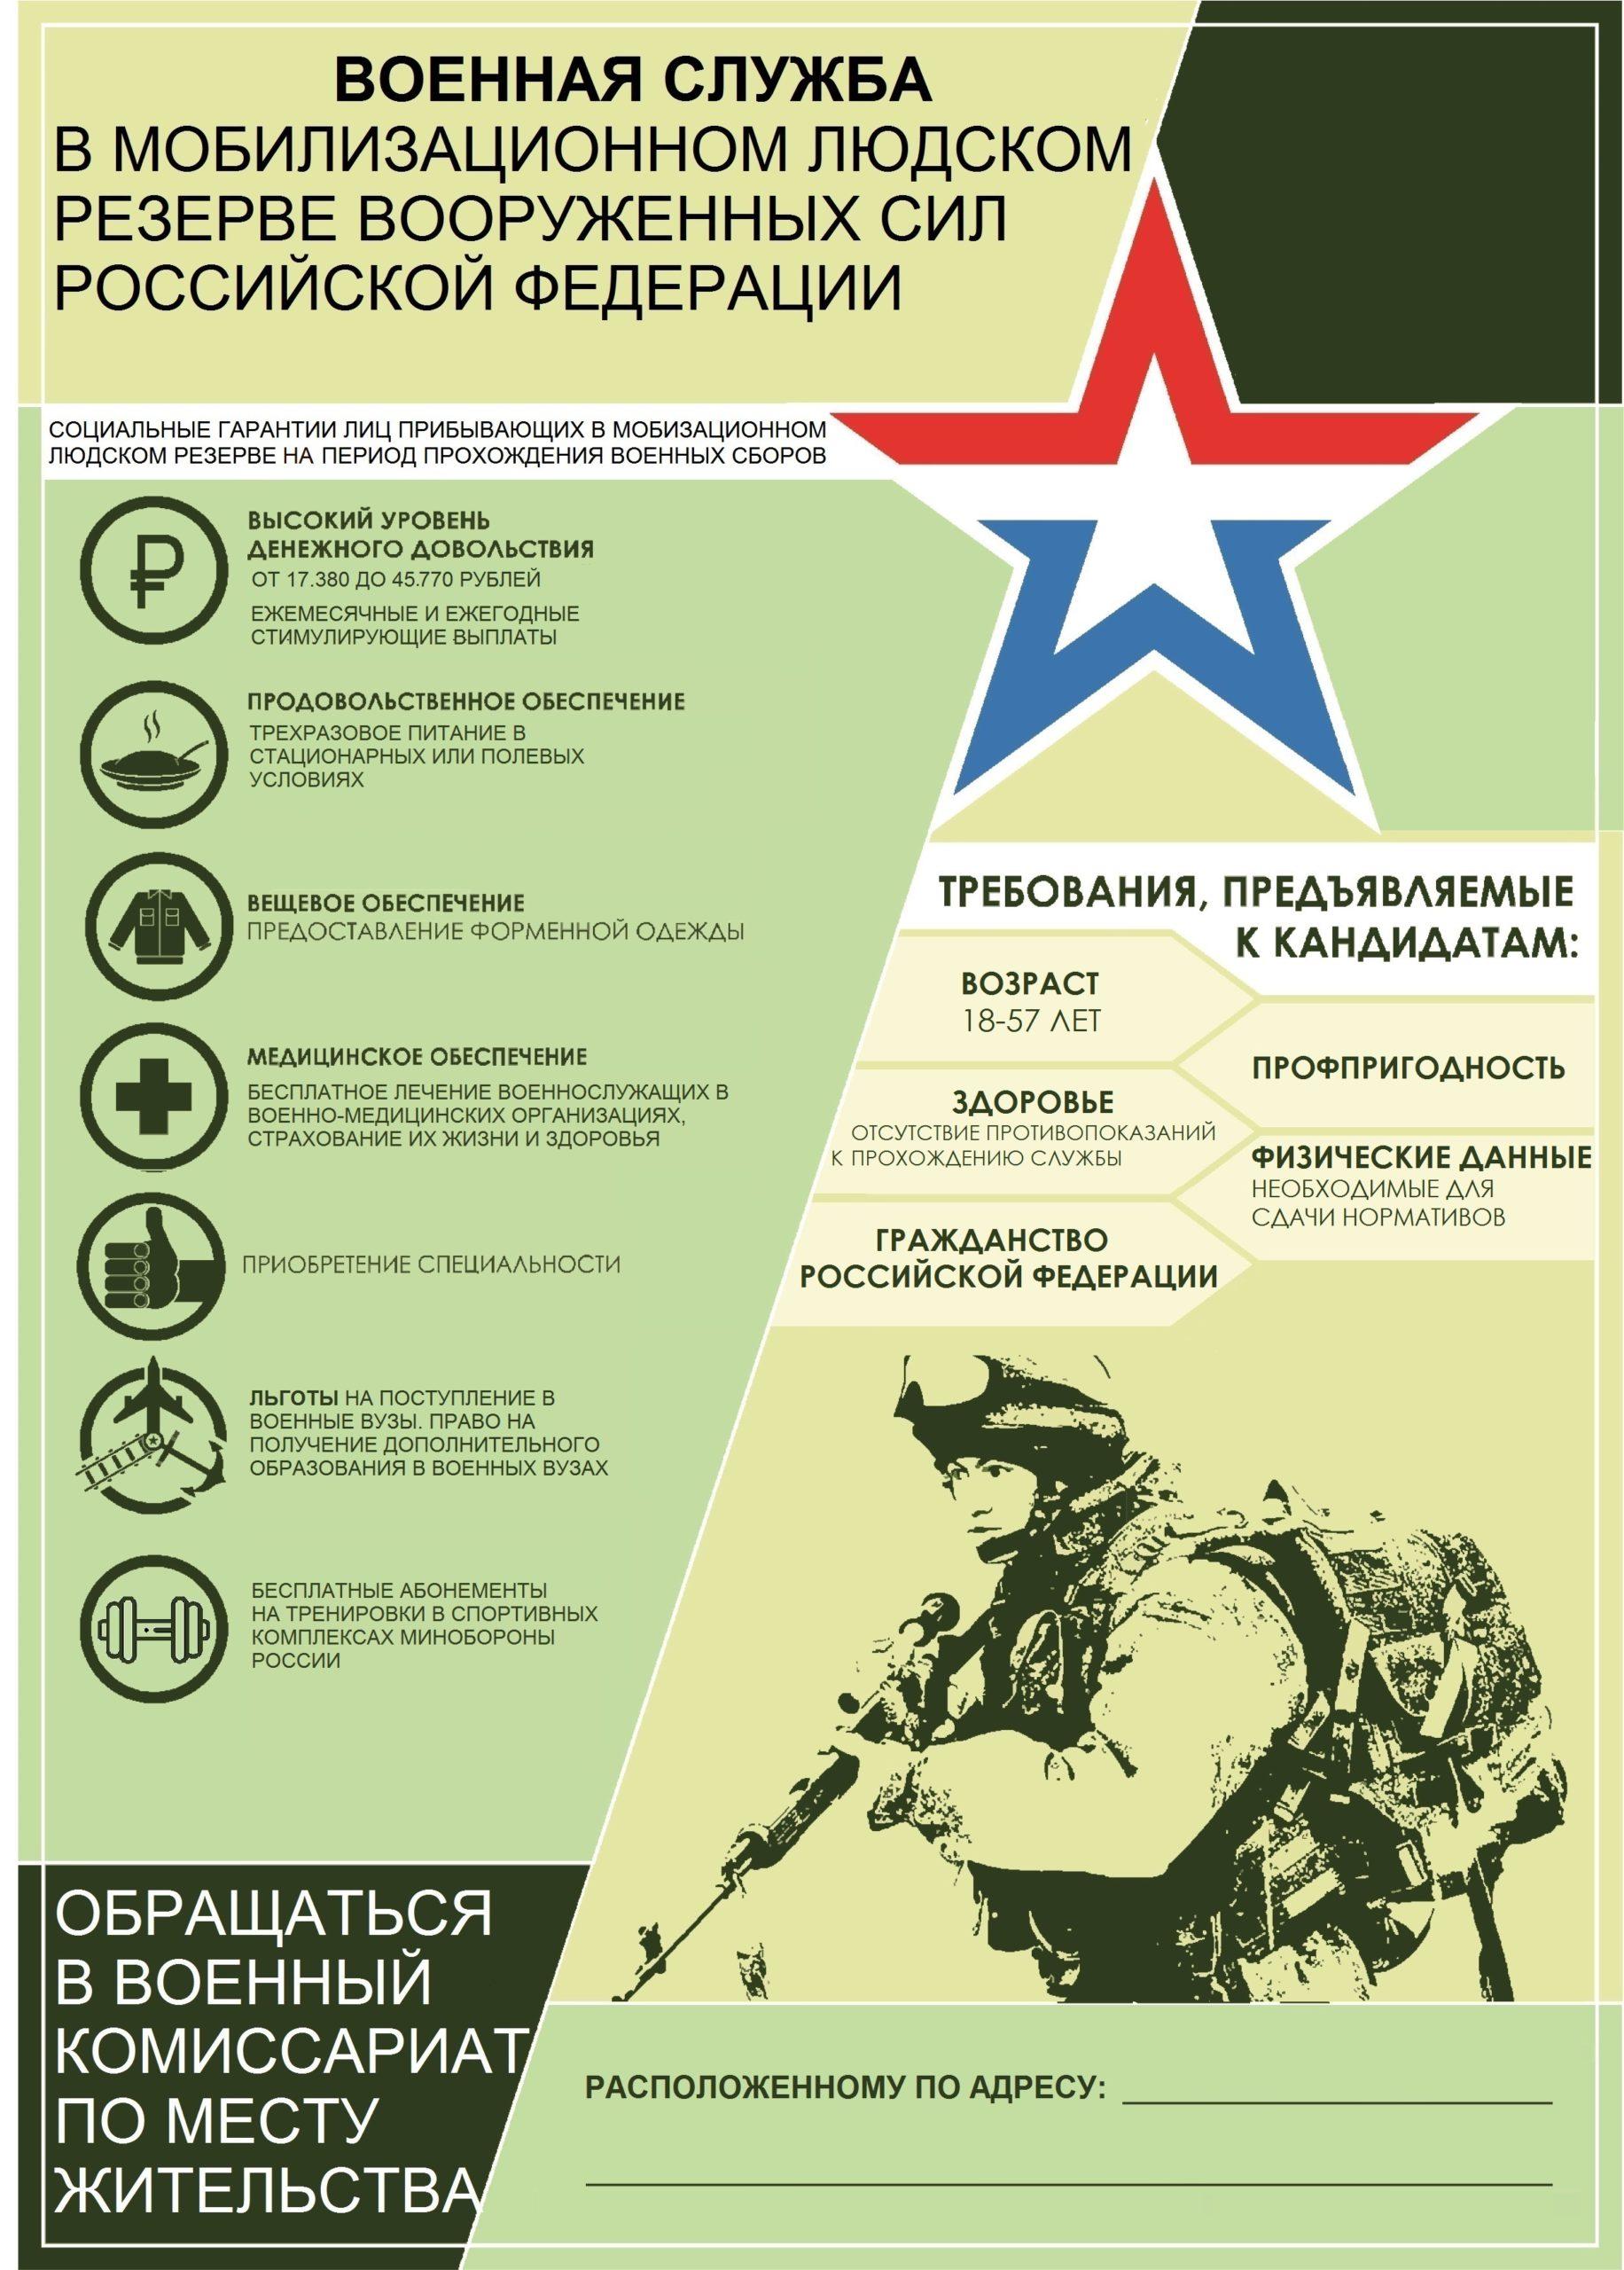 Read more about the article Военная служба в мобилизационном людском резерве Вооруженных сил Российской Федерации